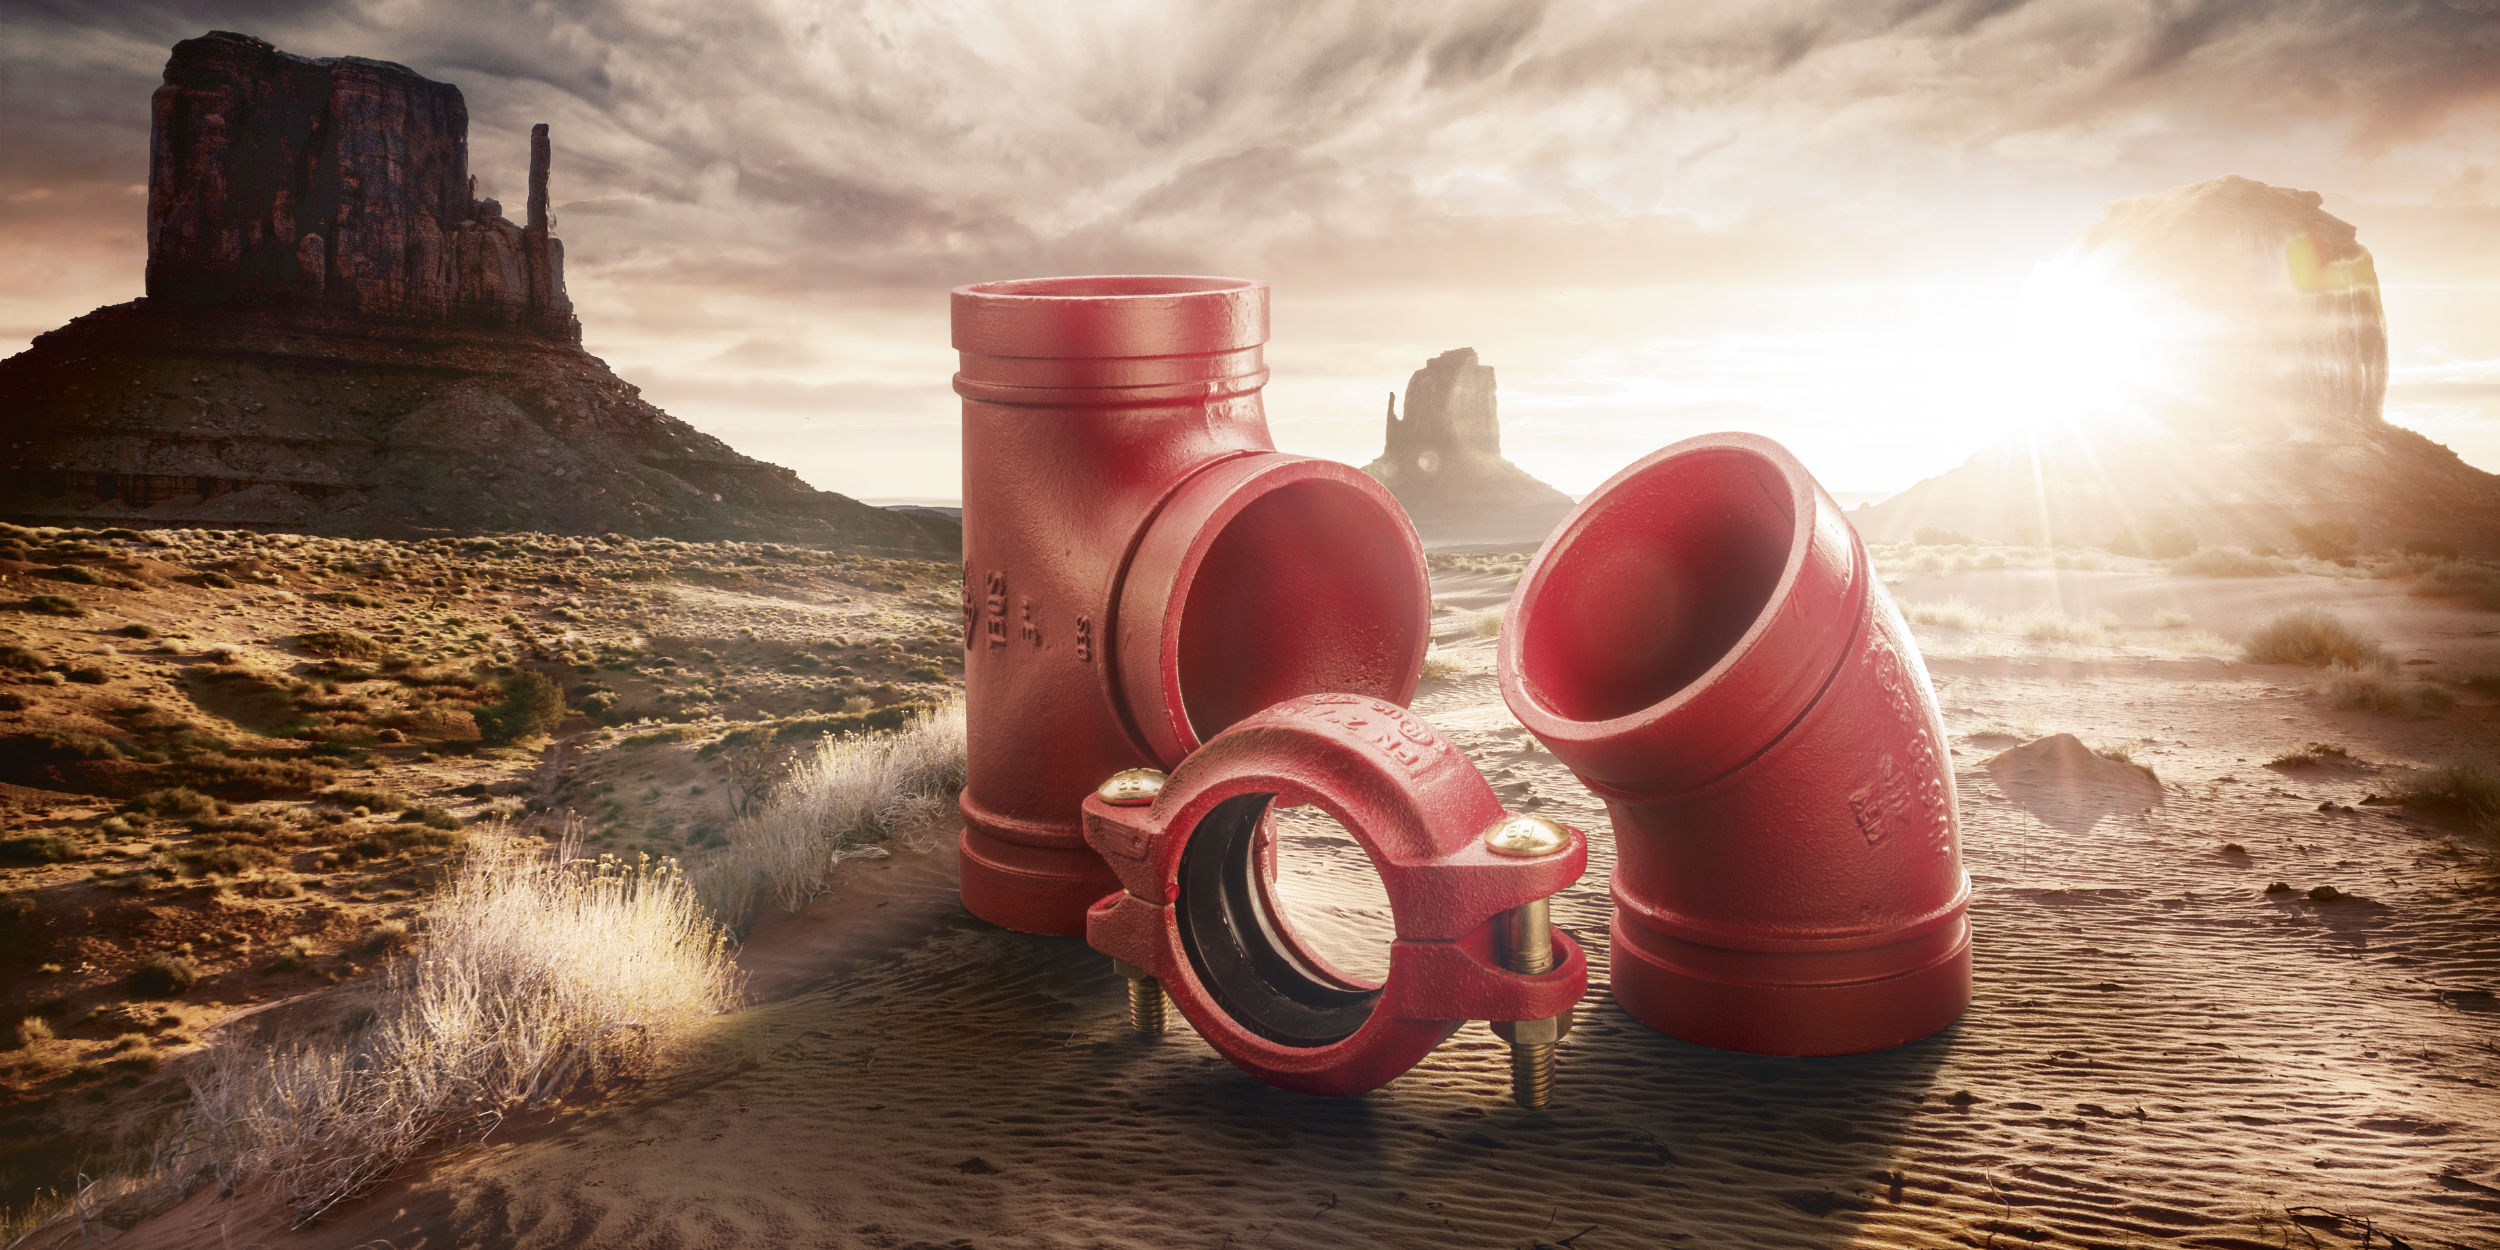 Kampagnen Fotografie Fellbach Stuttgart und Umgebung W52 JM Jäger Technology To Connect Stahlrohre Rohrverbinder Wüste Rote Rohre